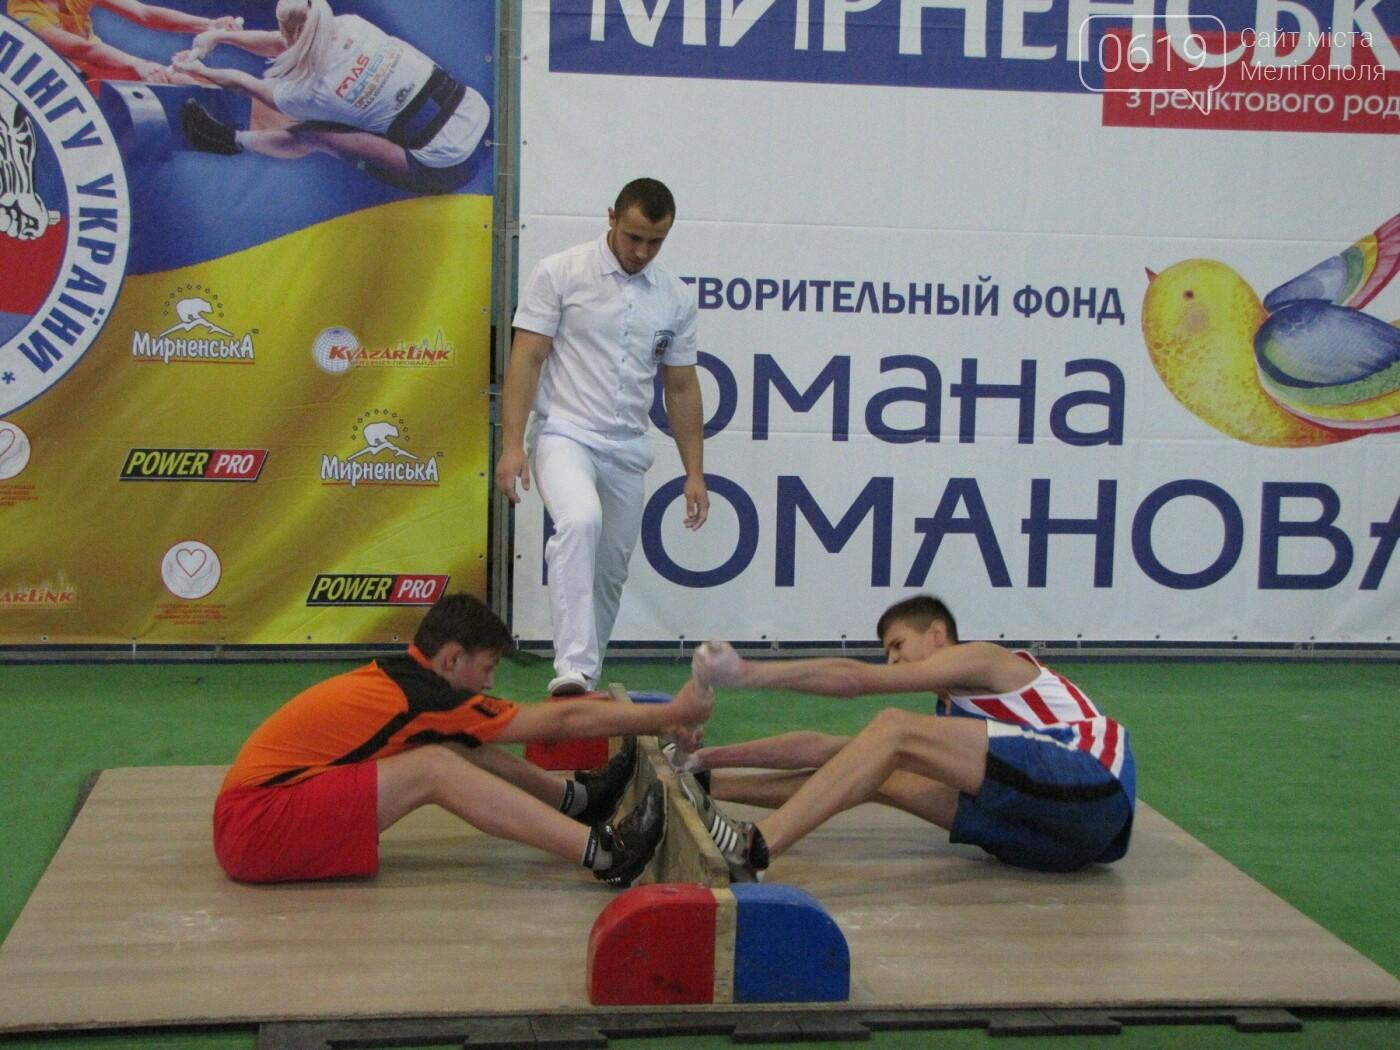 В Мелитополе на одном помосте сражались новички и титулованные мас-рестлеры , фото-31